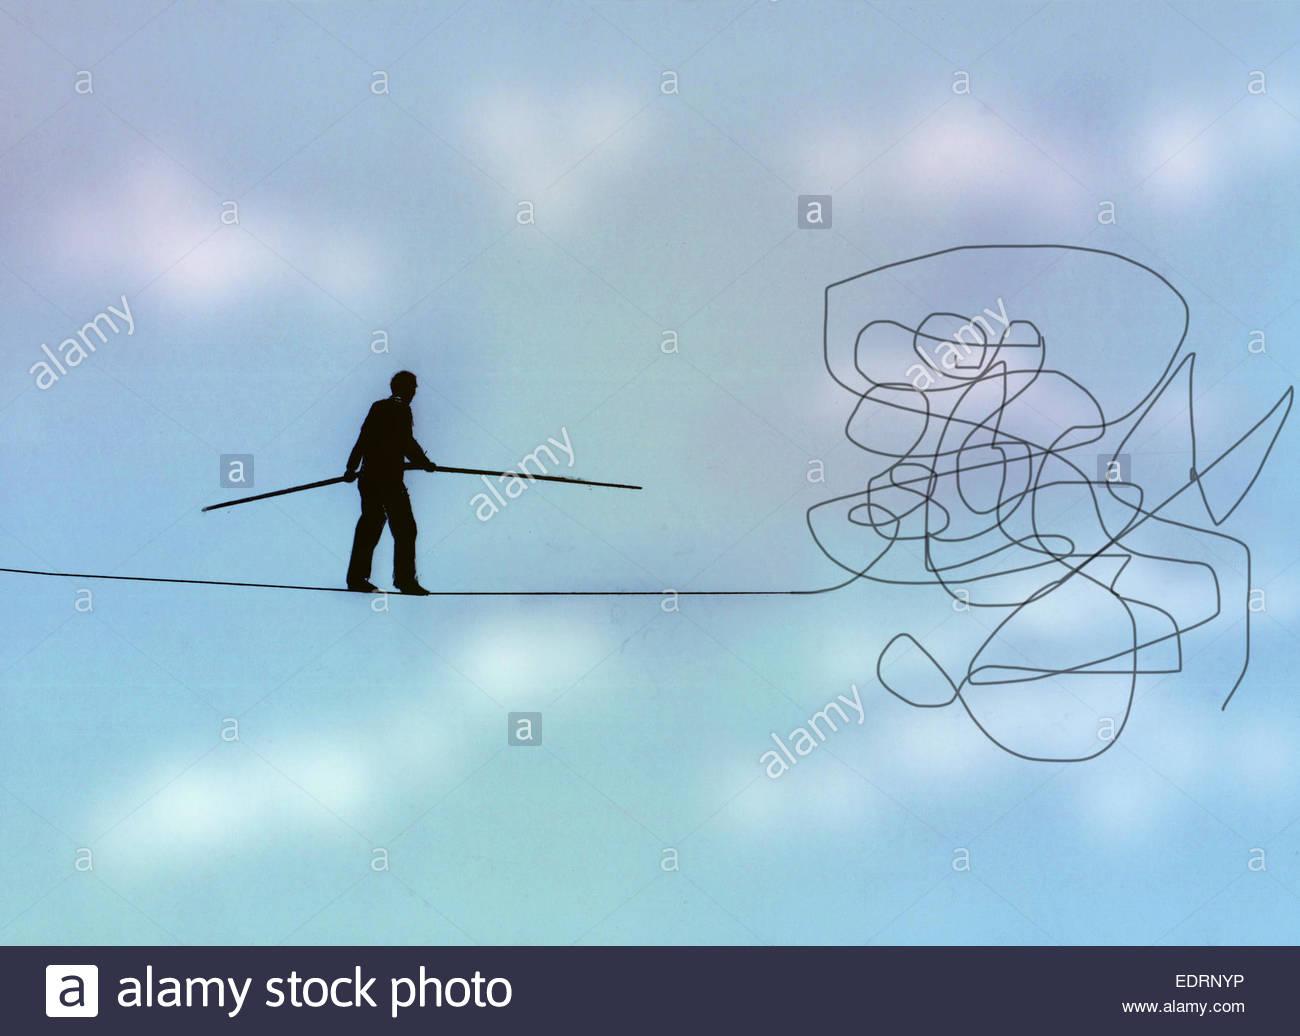 El hombre acercando nudo enredado en la cuerda floja Imagen De Stock